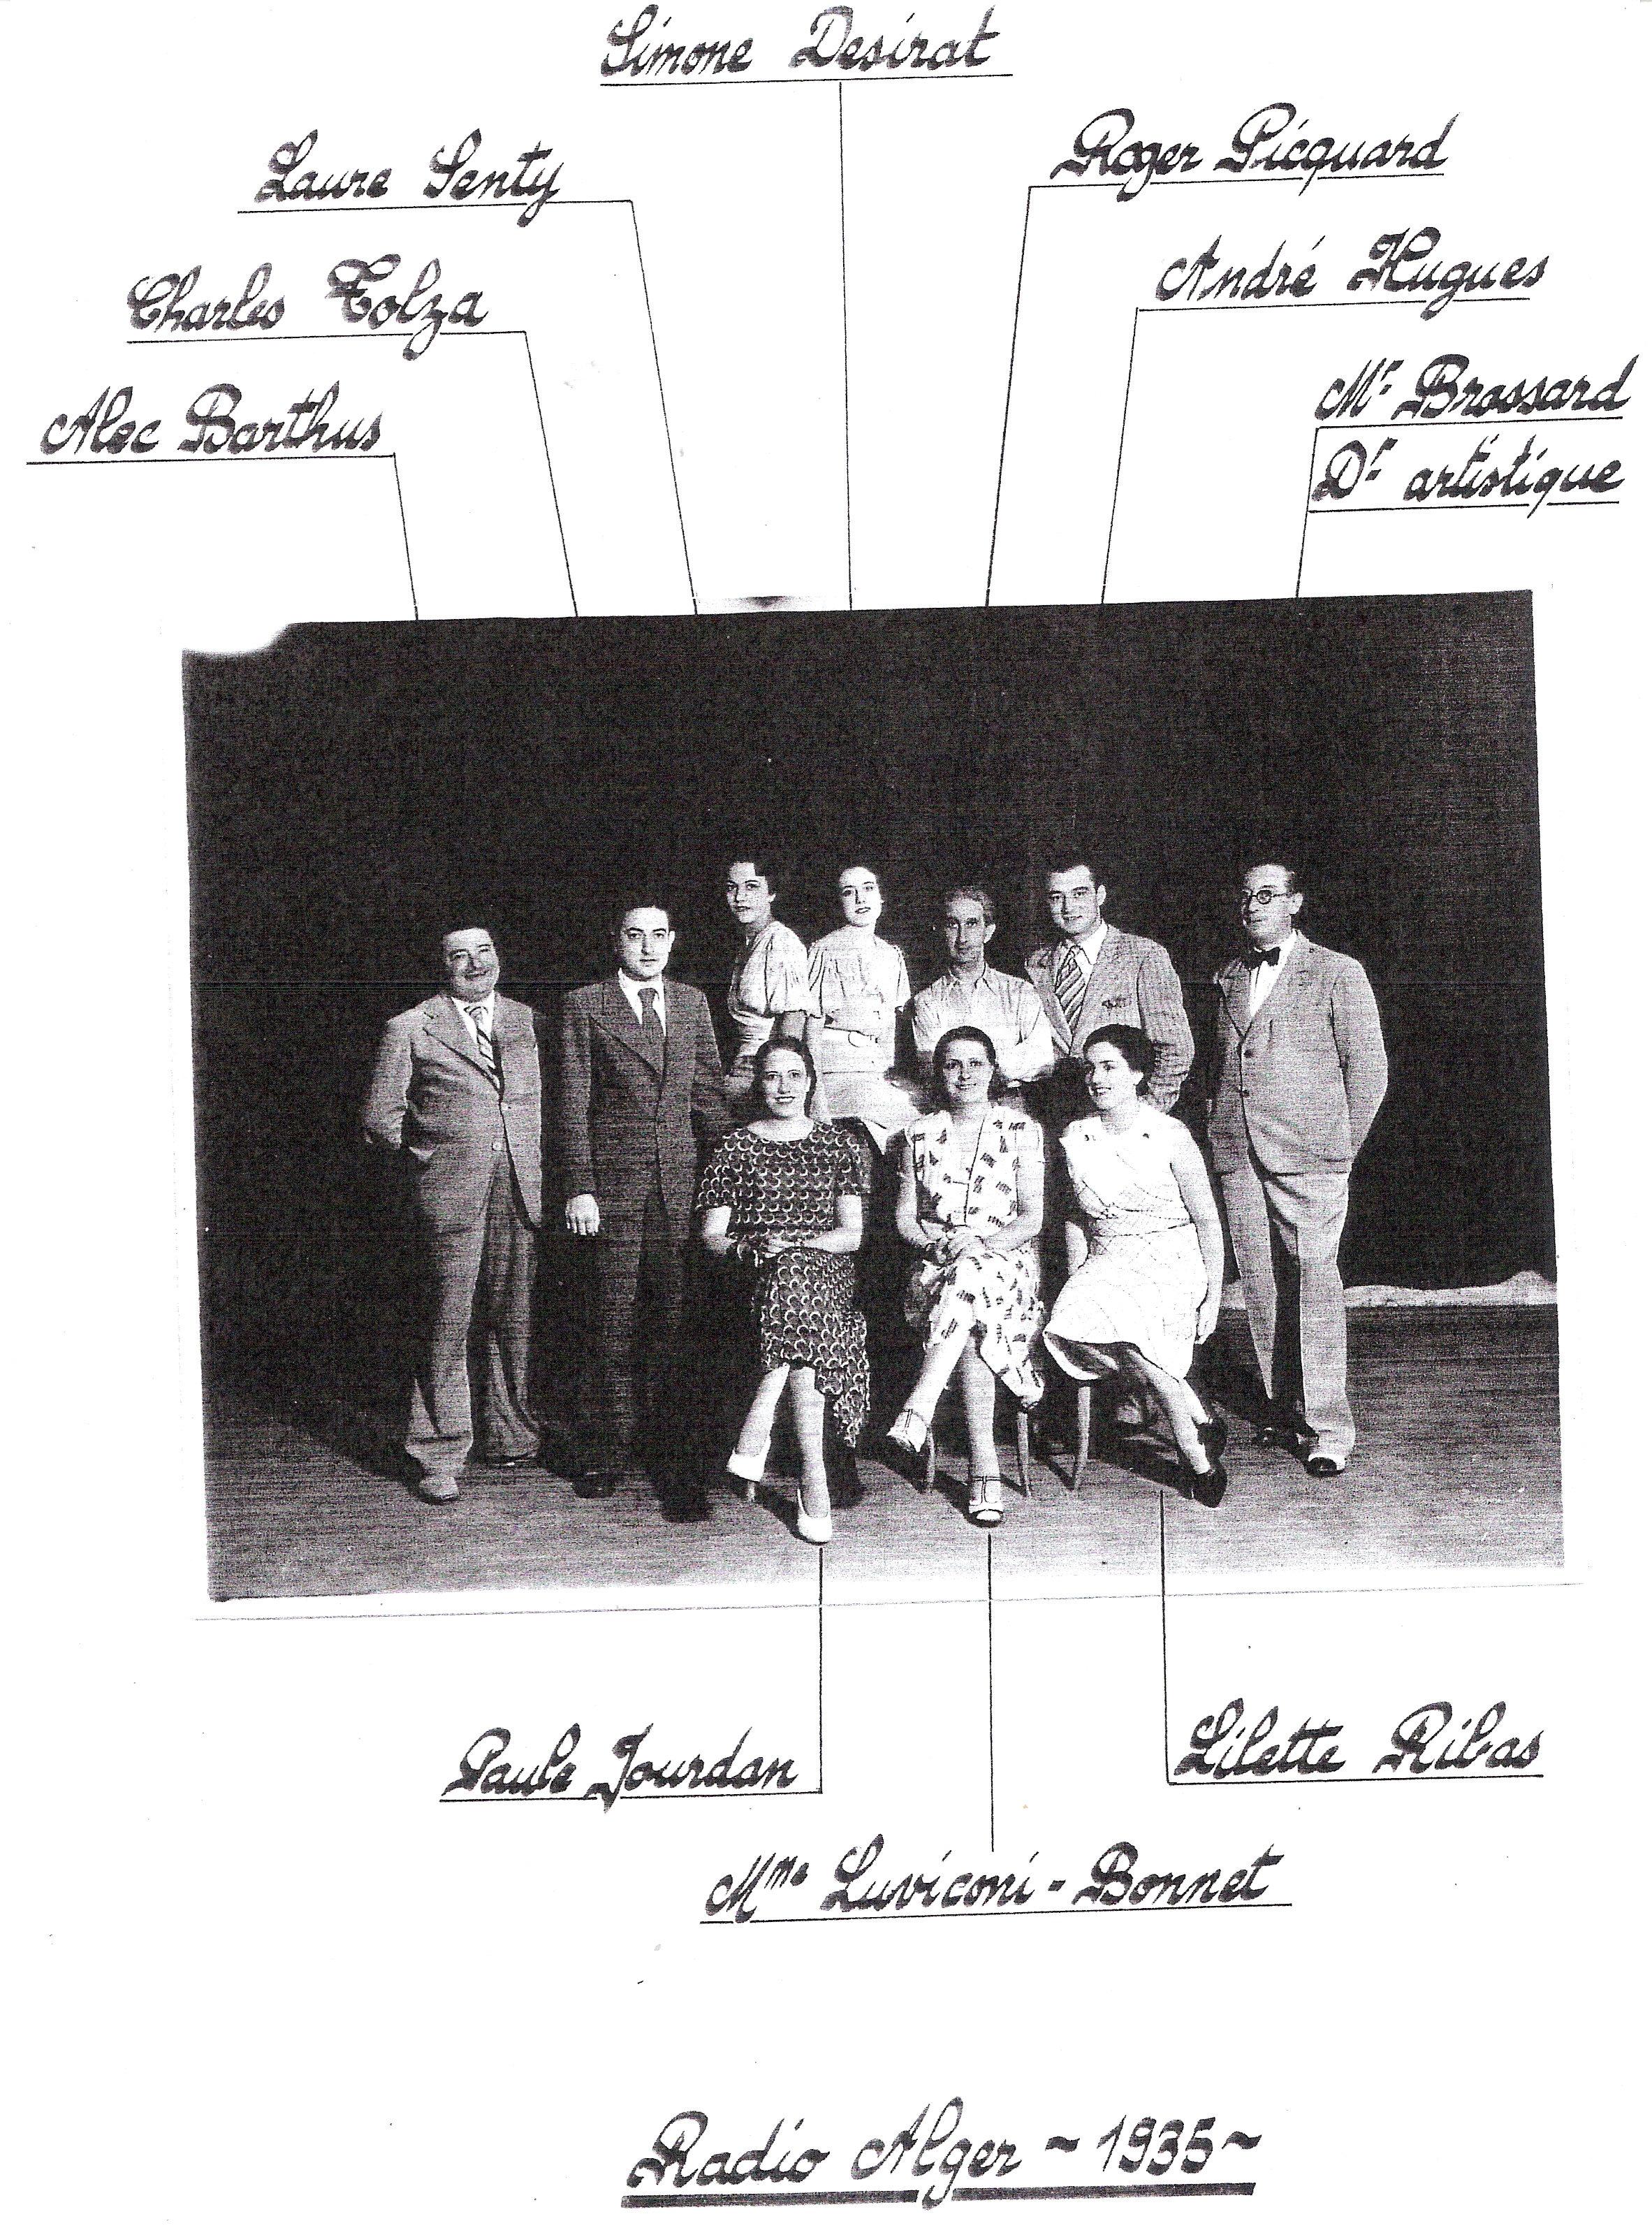 Radio Alger - La Troupe Alec Barthus vers 1935